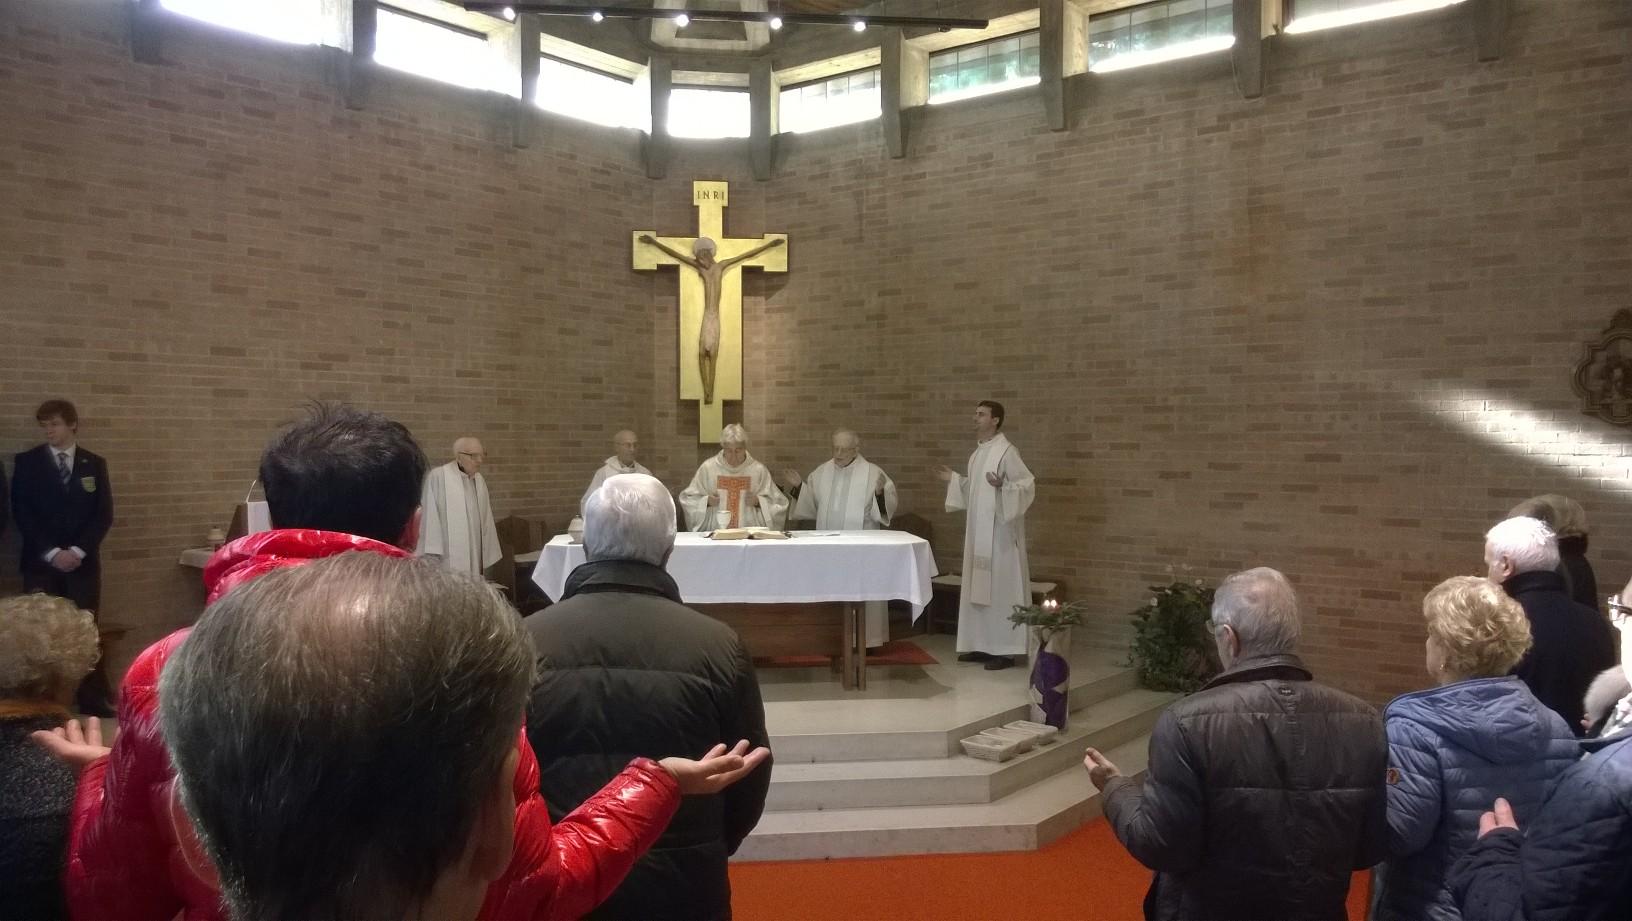 L'8 dicembre degli Ex-Alunni, Santa Messa, assemblea e convivialità